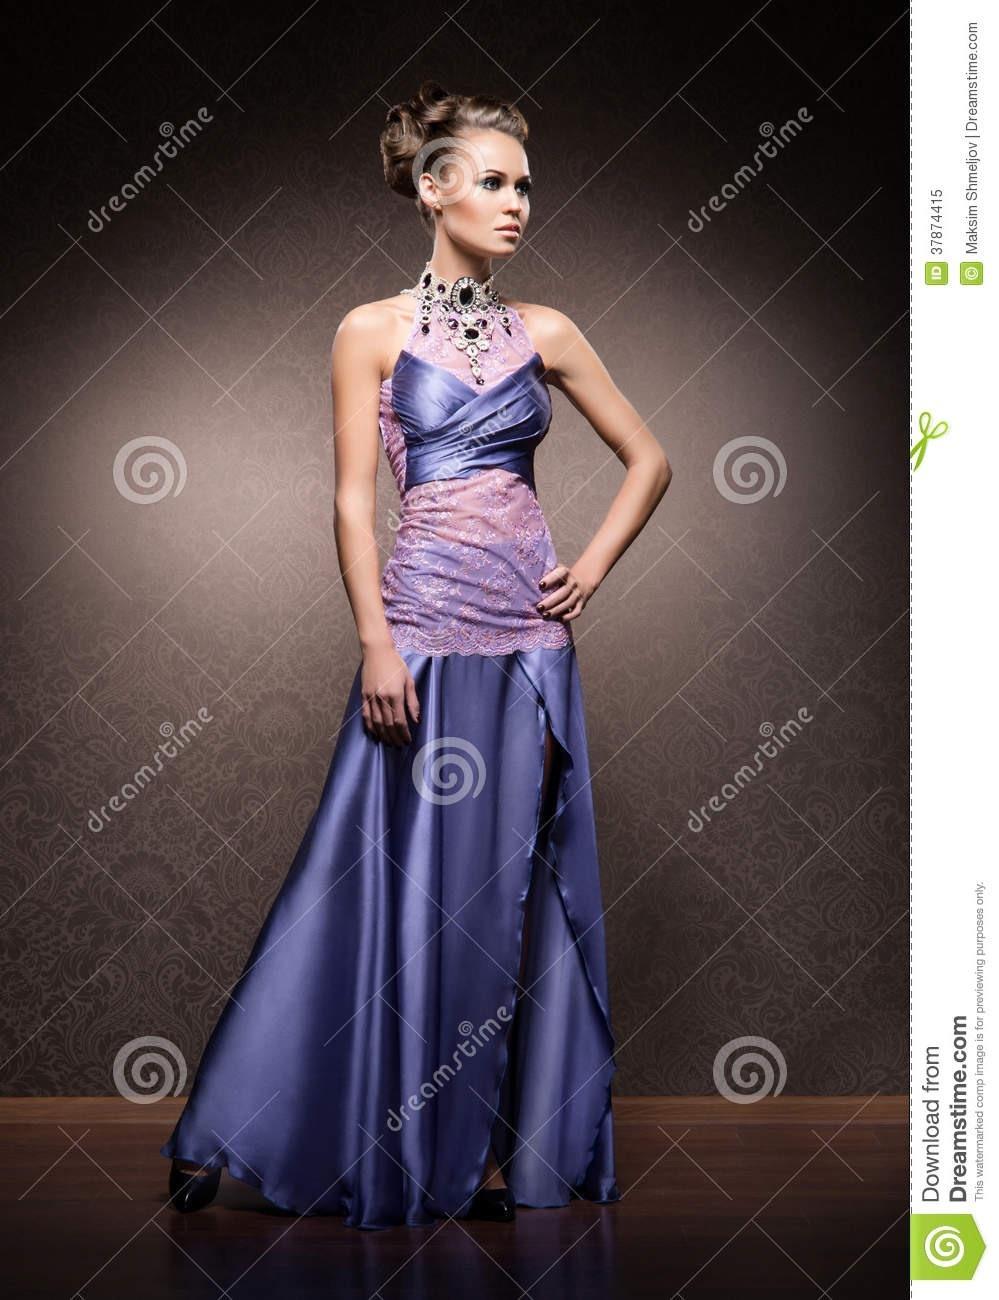 13 Schön Abendkleider Junge Frauen StylishAbend Genial Abendkleider Junge Frauen Bester Preis